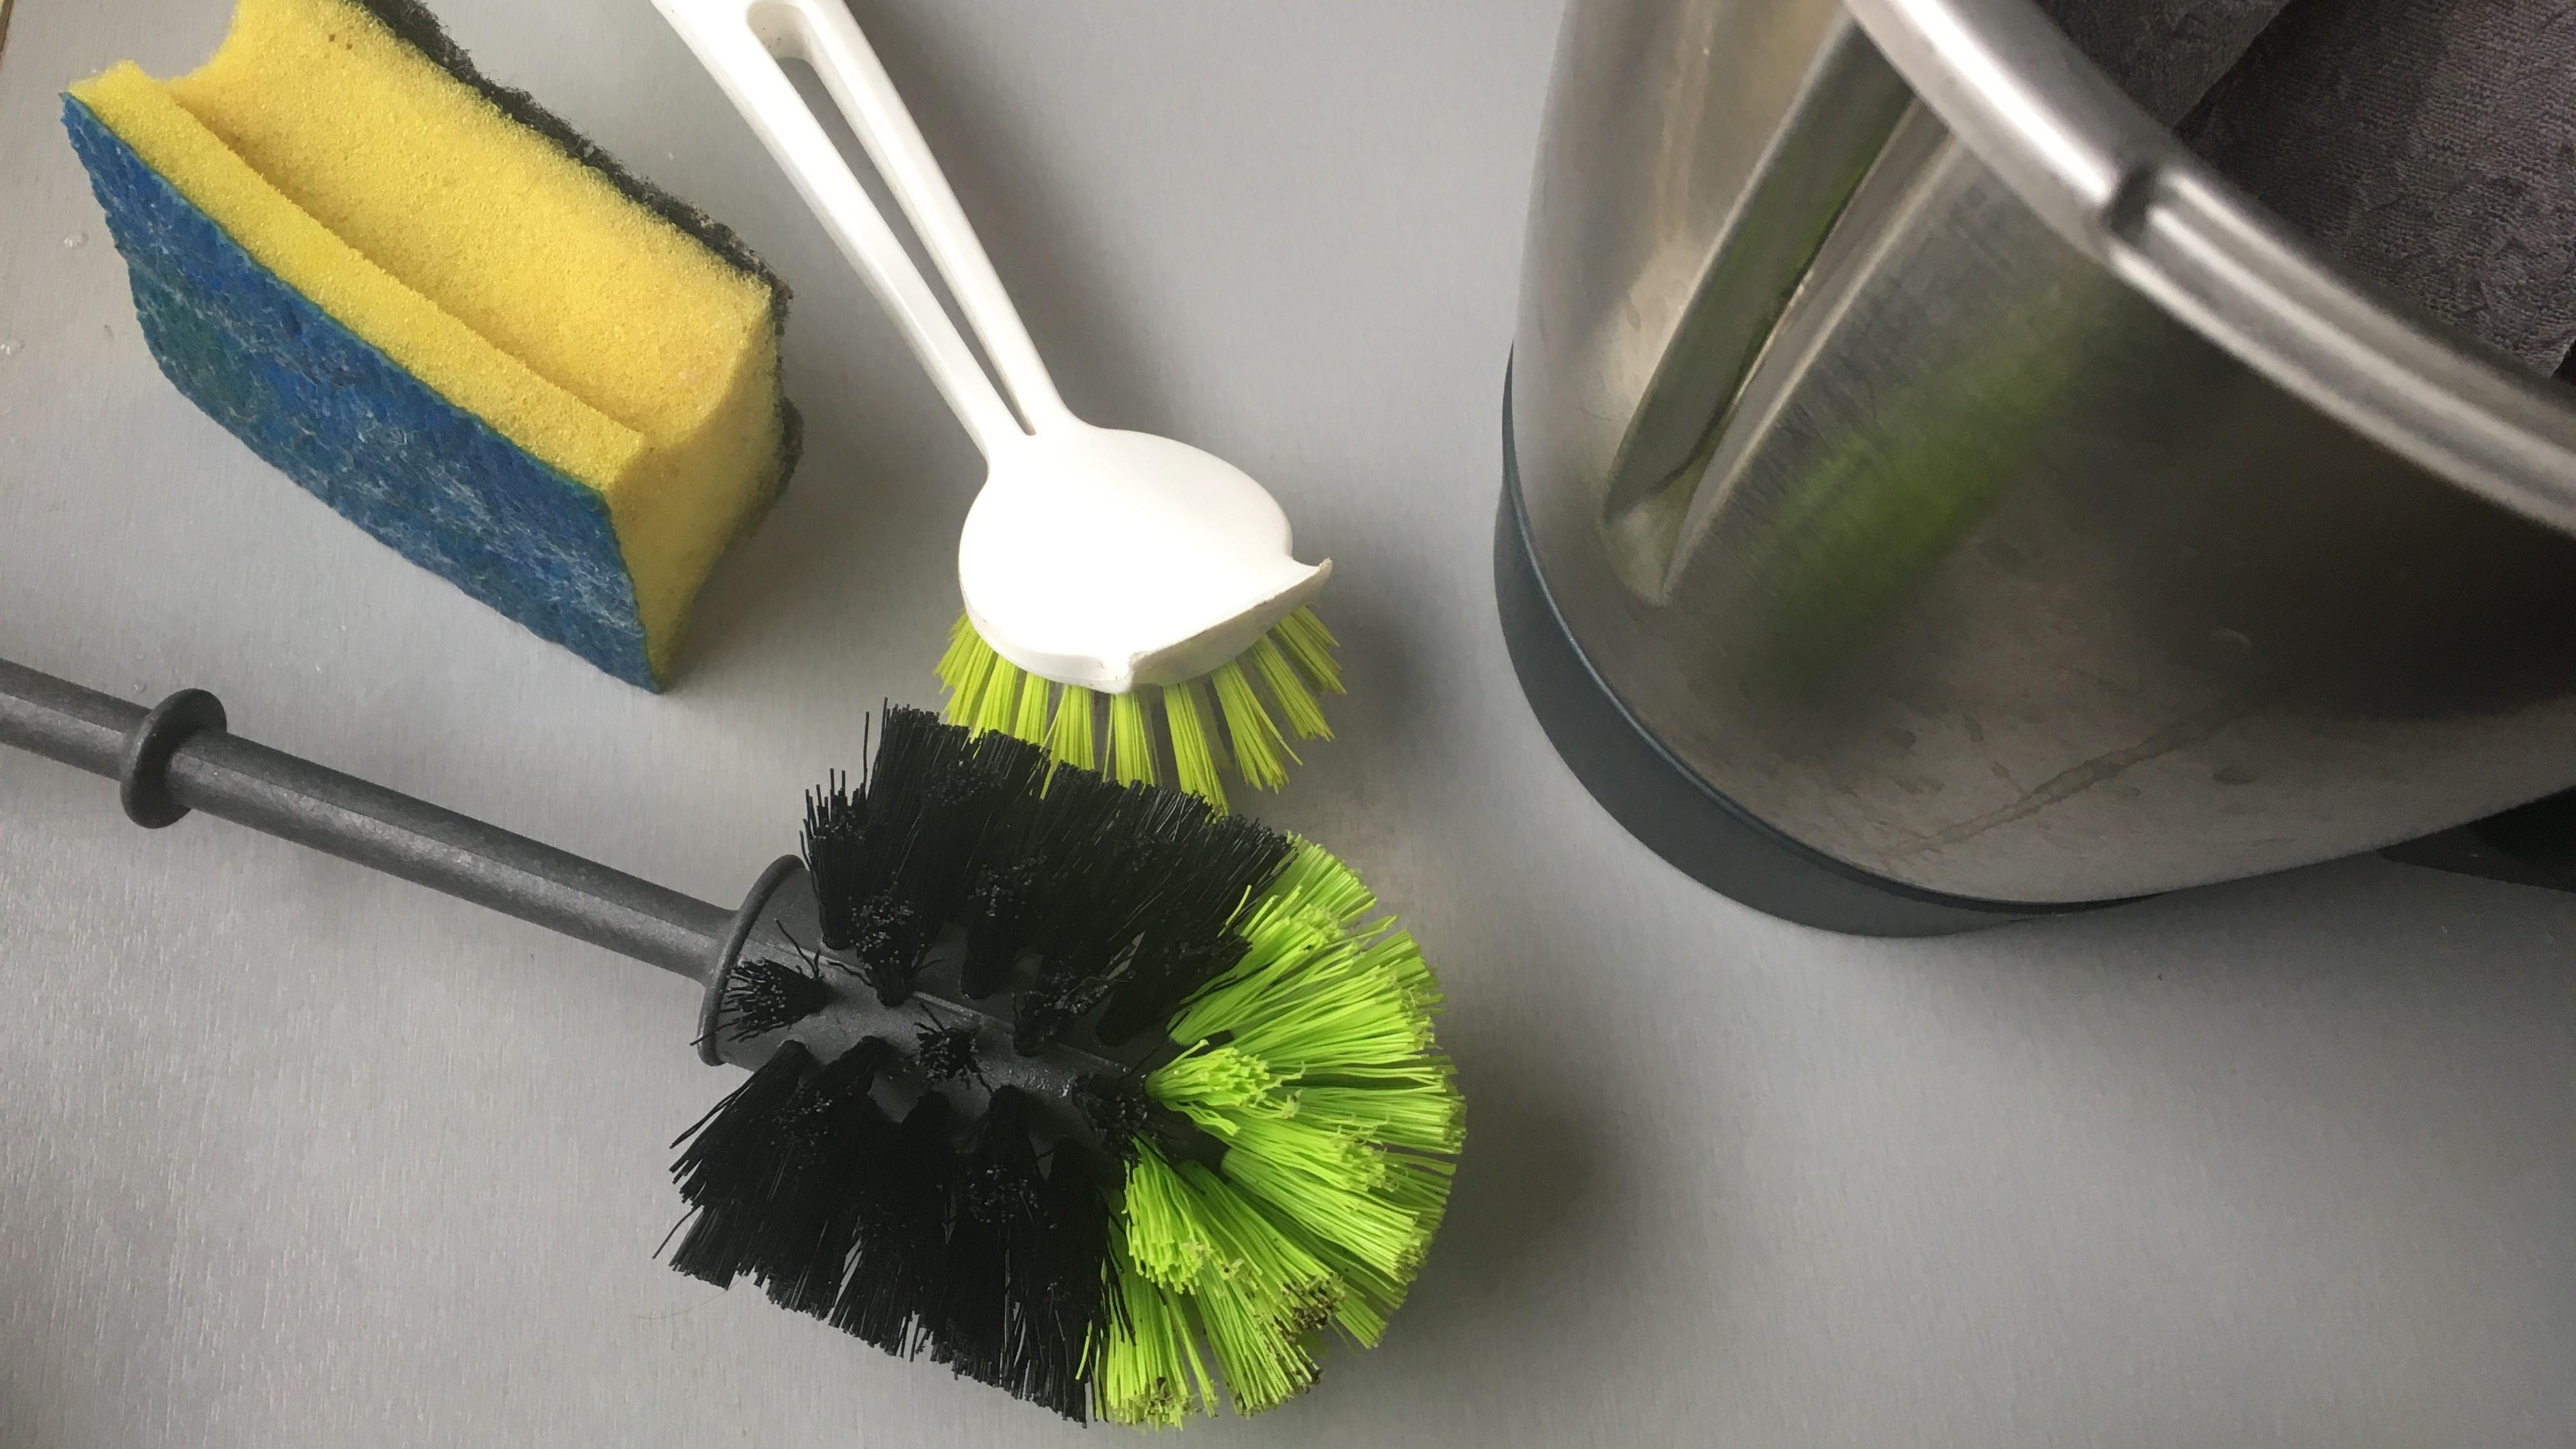 Monsieur Cuisine Connect reinigen: Tipps und Tricks